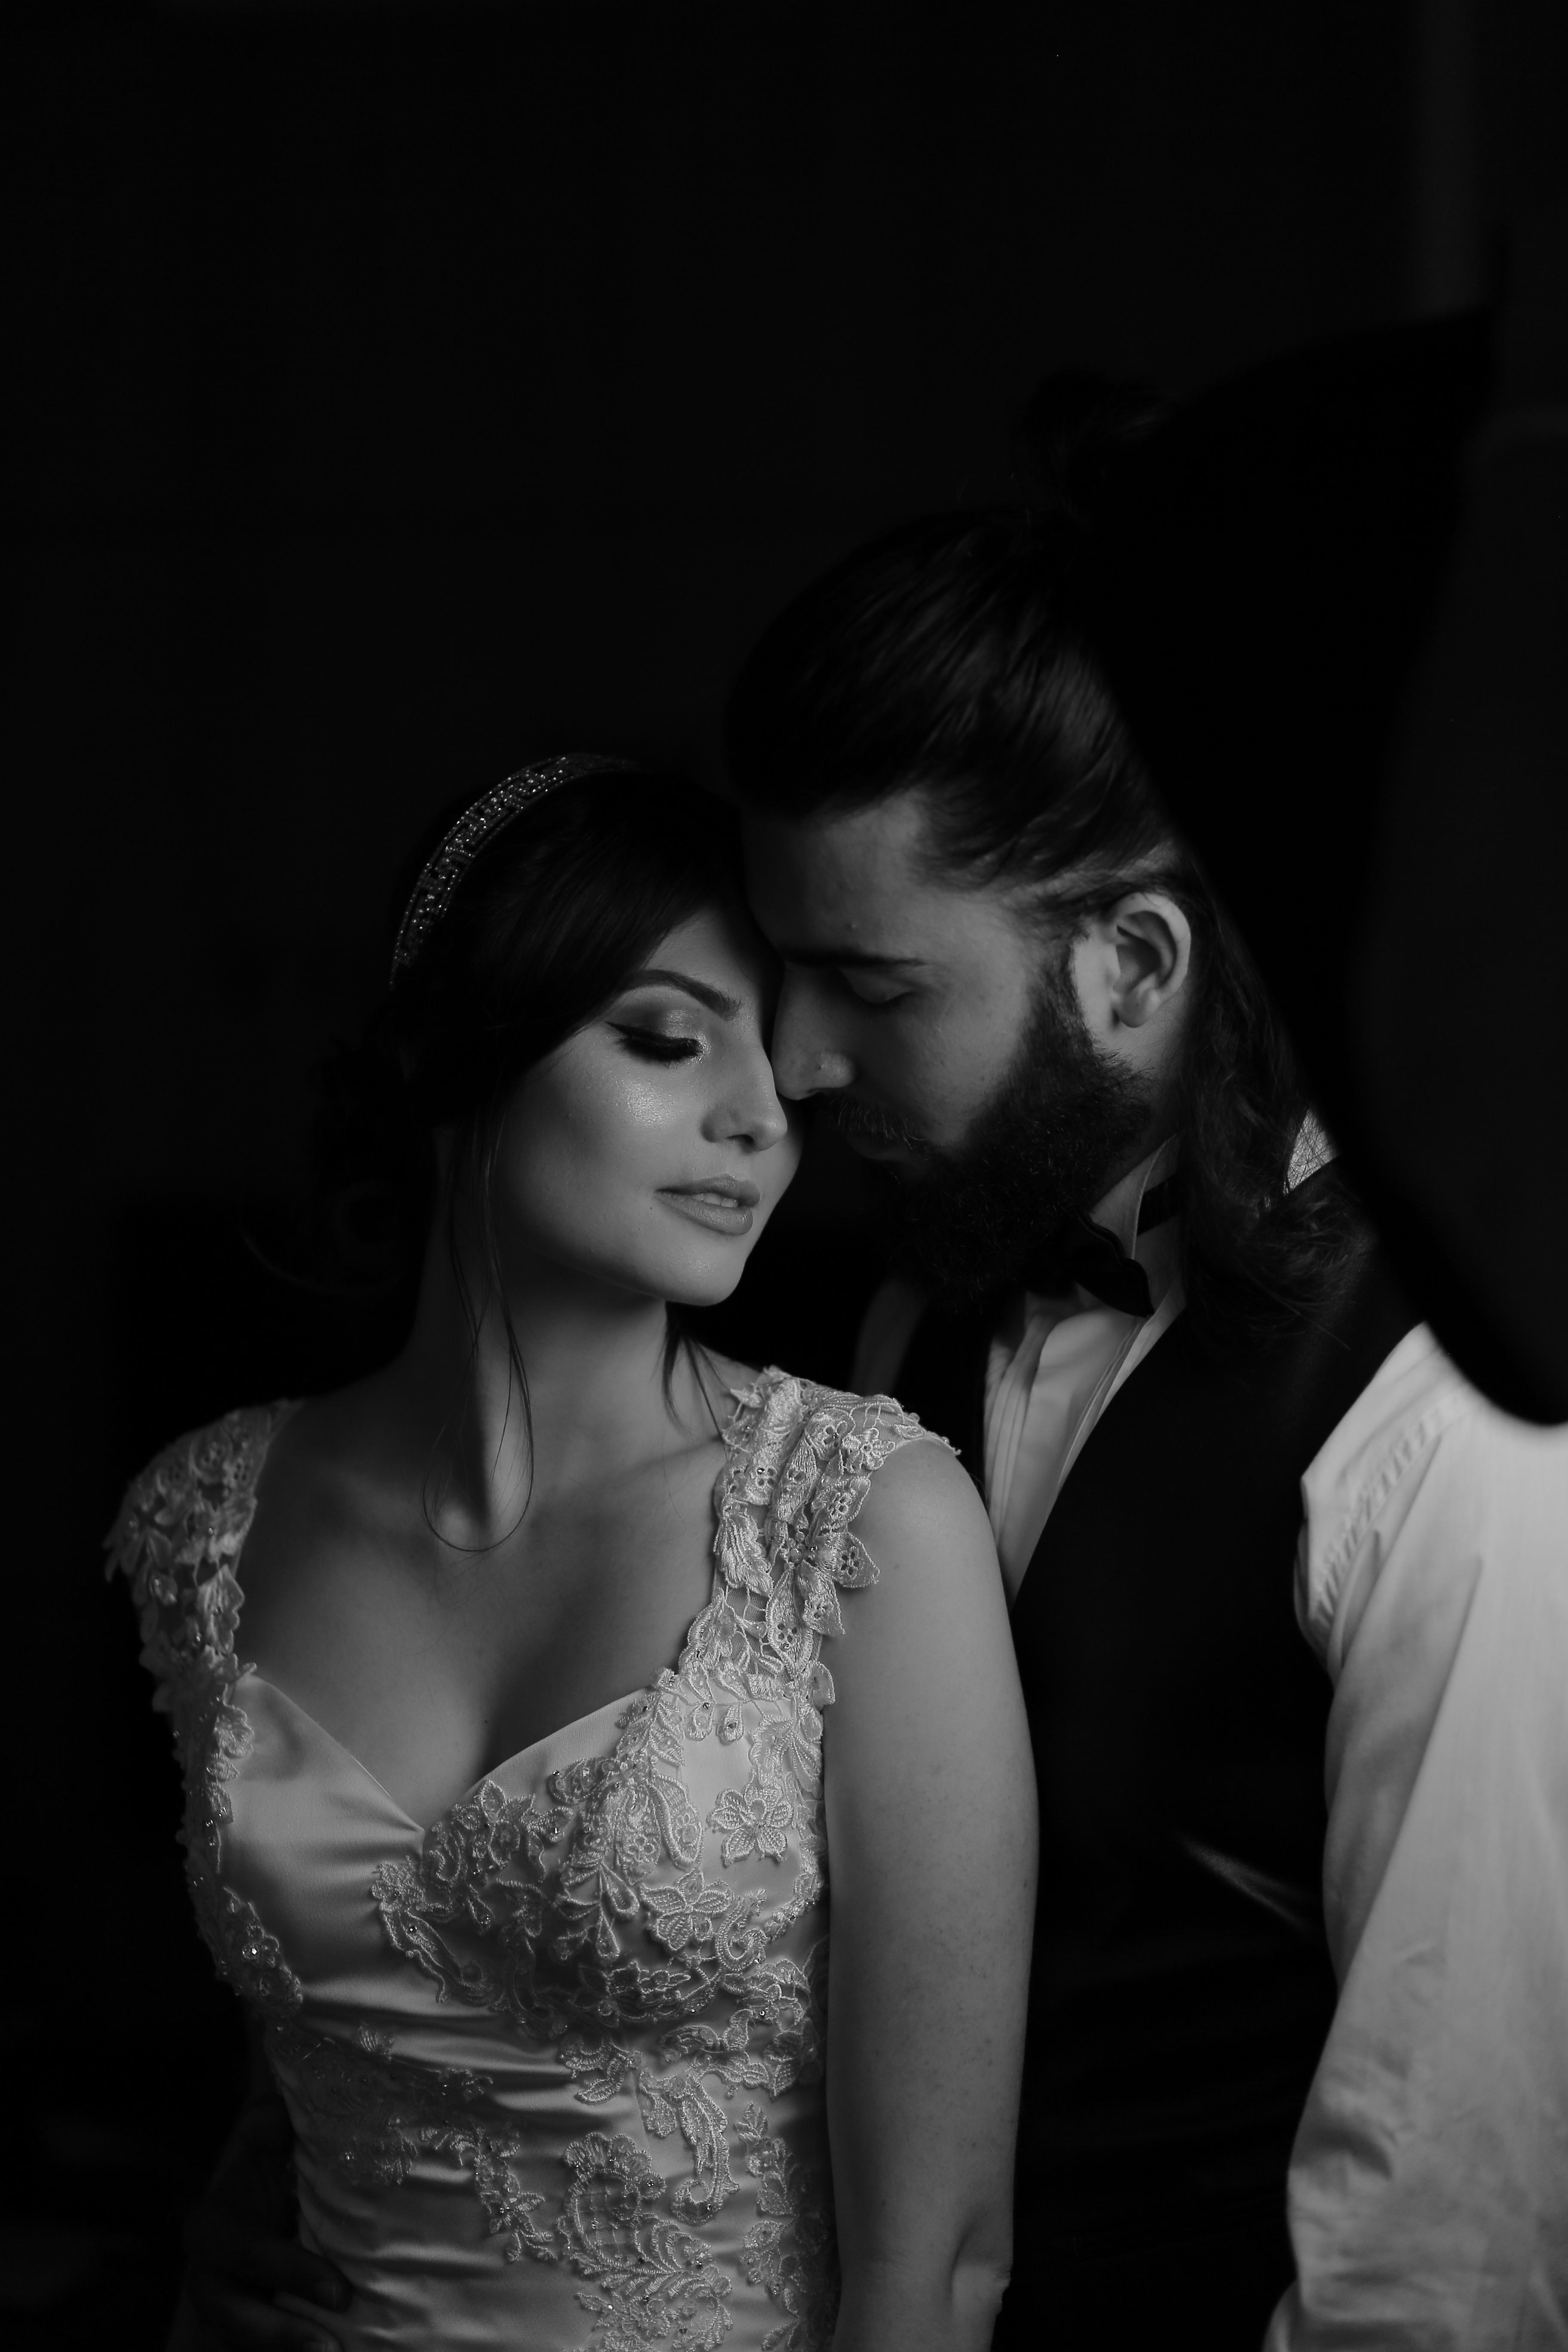 Sobre Fotografo de Casamentos e Ensaios em São Paulo e Sorocaba - SP | Paulo Cravitto